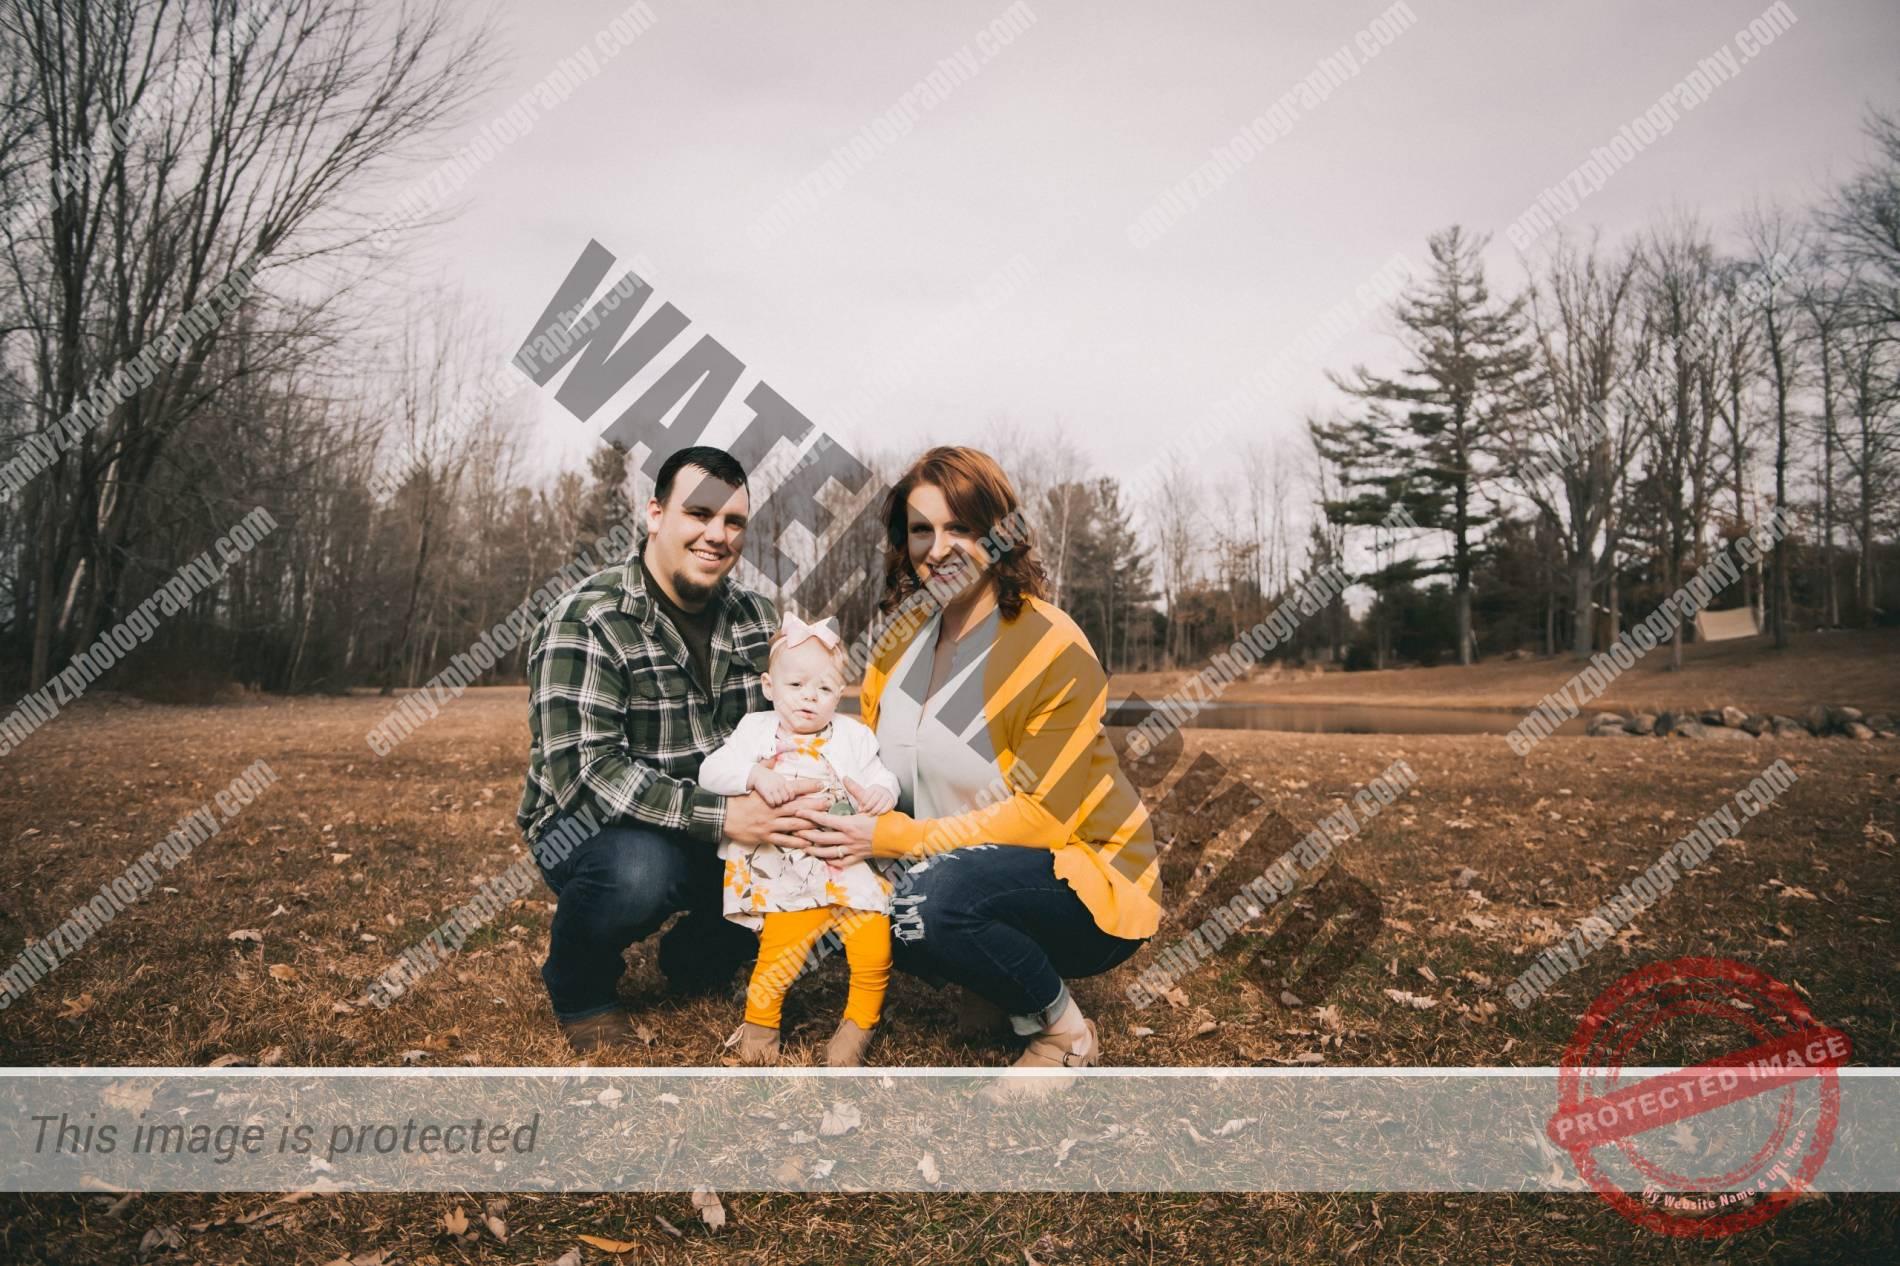 gibbsfamily-60